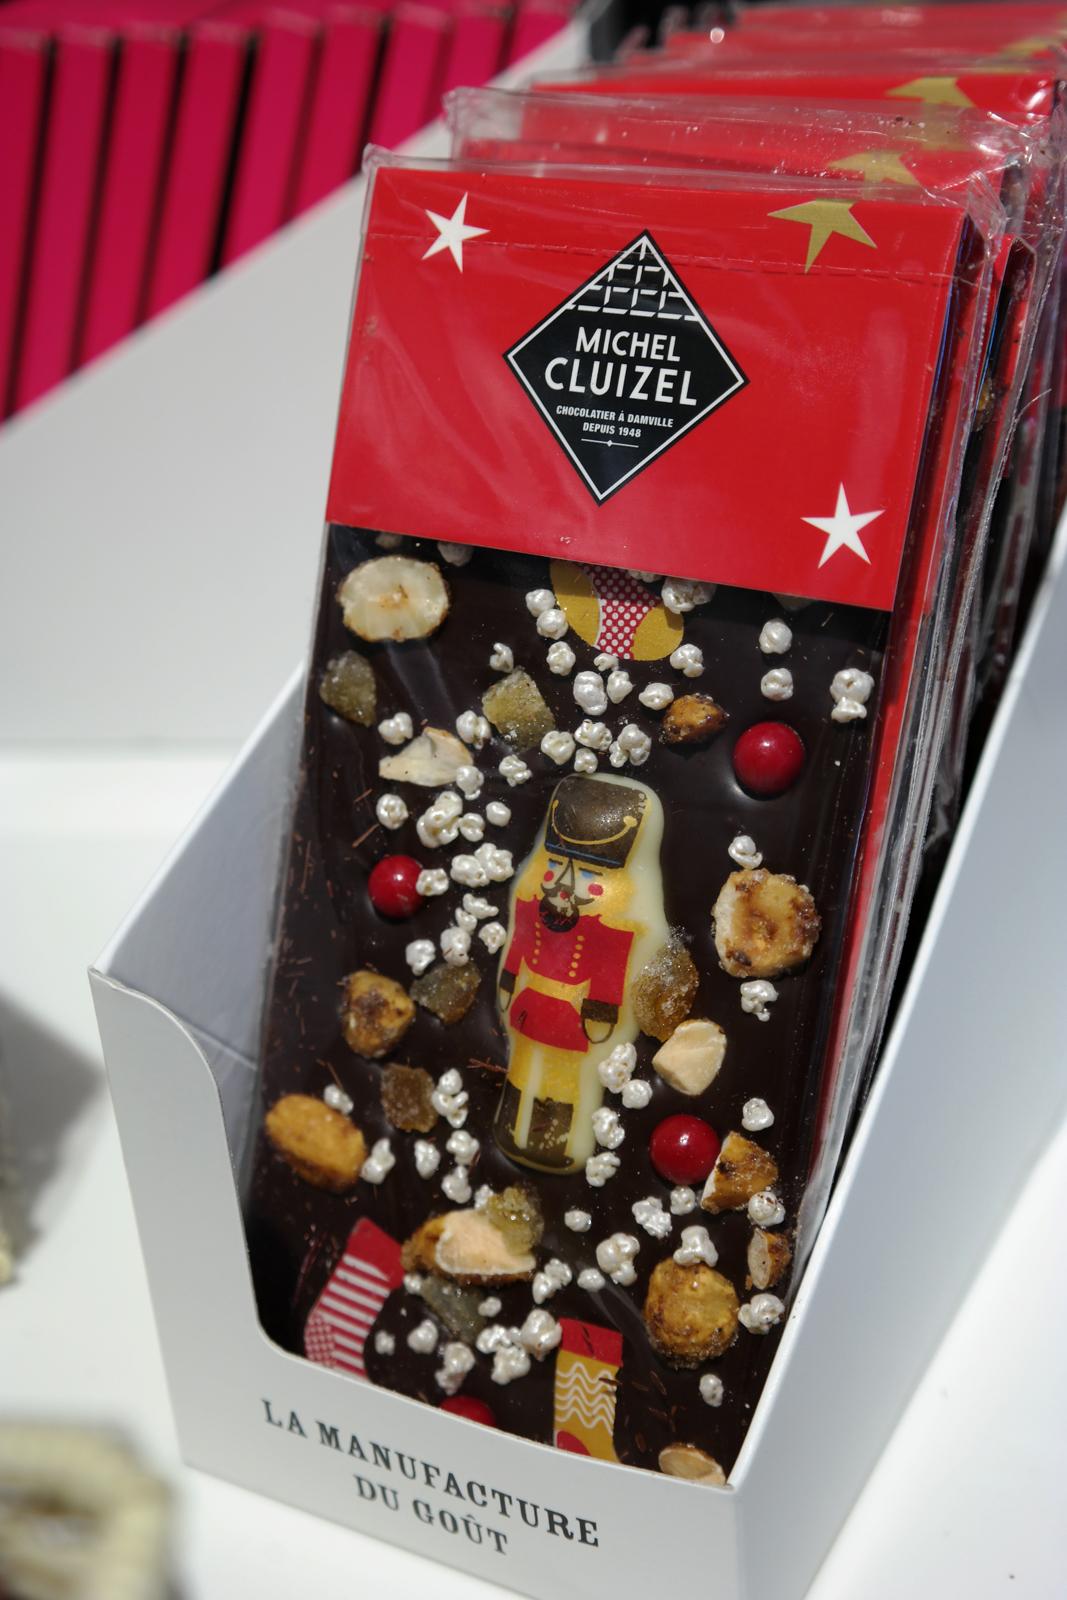 Tablette de Noël originale chocolat noir 72 de cacao décorée à la main avec amandes noisettes caramélisés dés d oranges confites céréales soufflées Michel Cluizel chocolatier